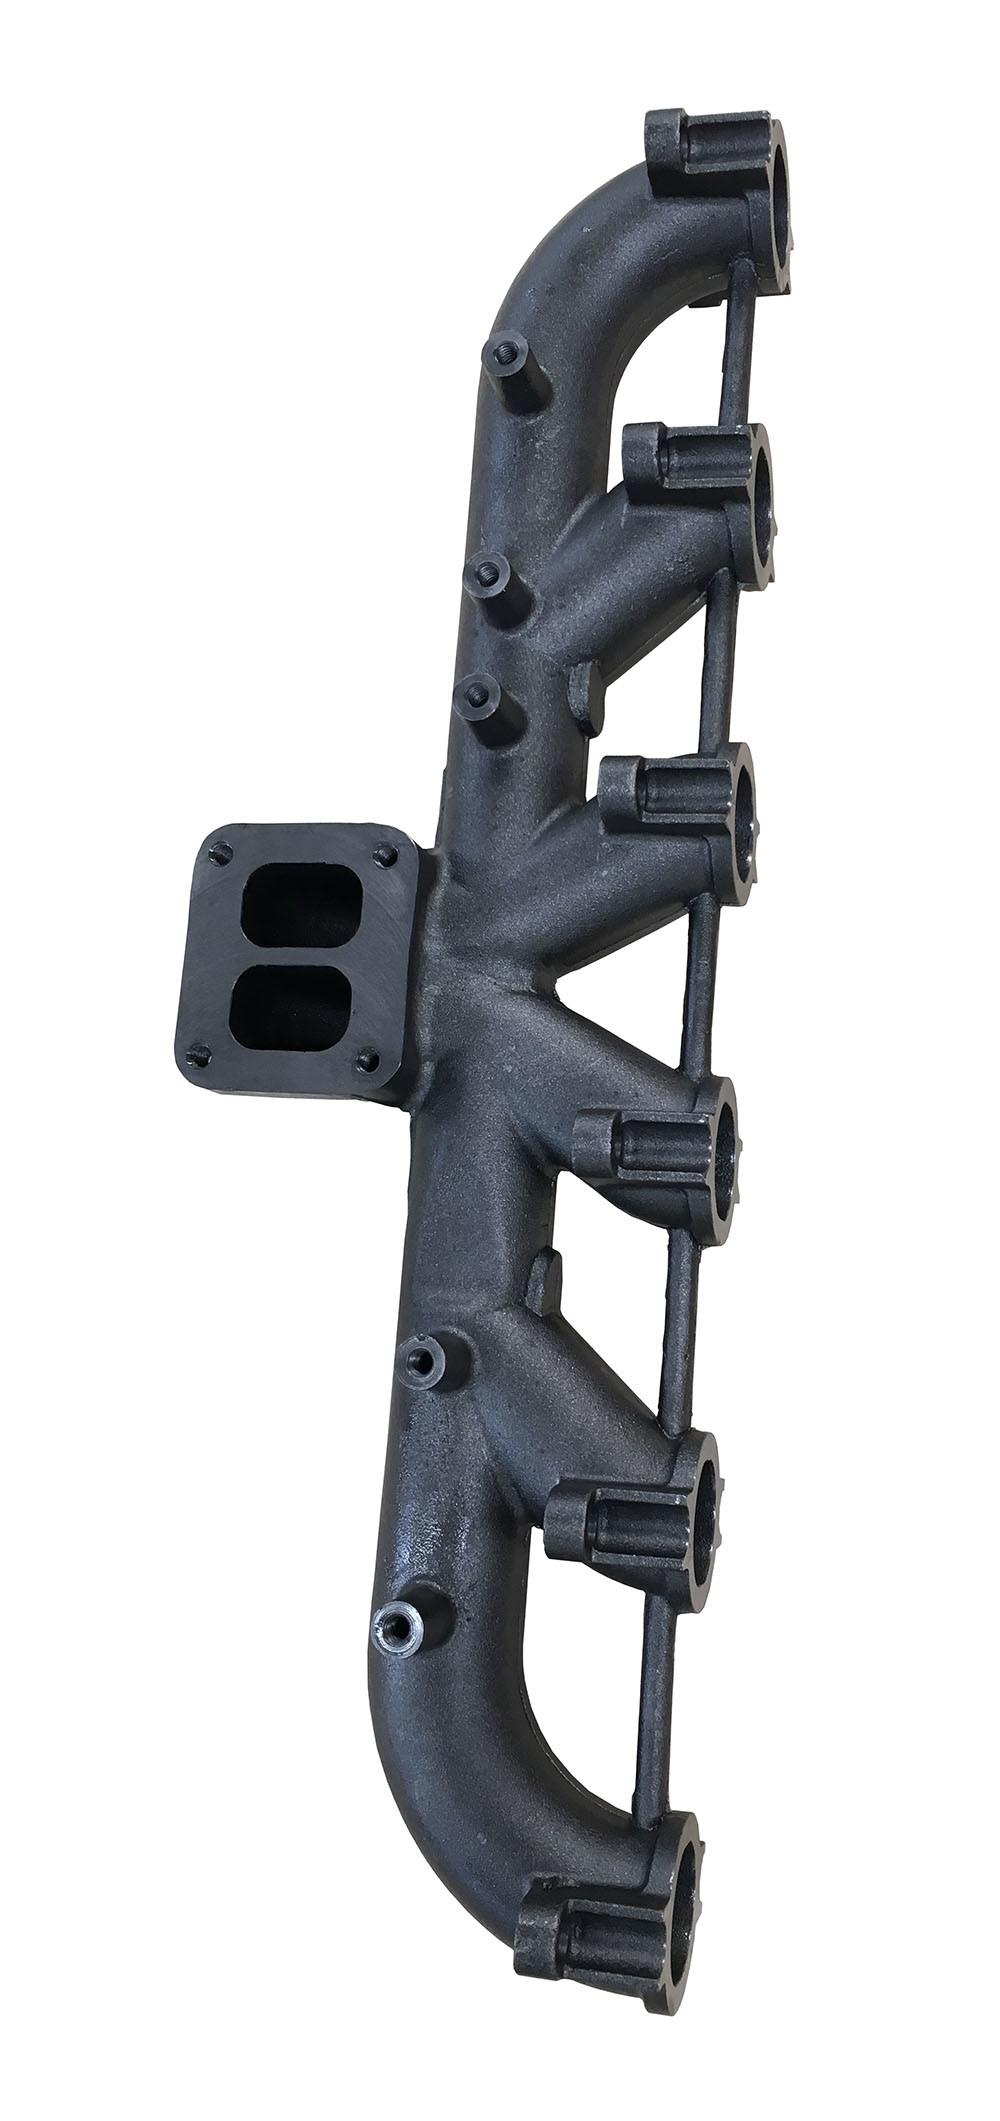 Cummins 6CT Cast Iron Exhaust Manifold for Diesel Engine